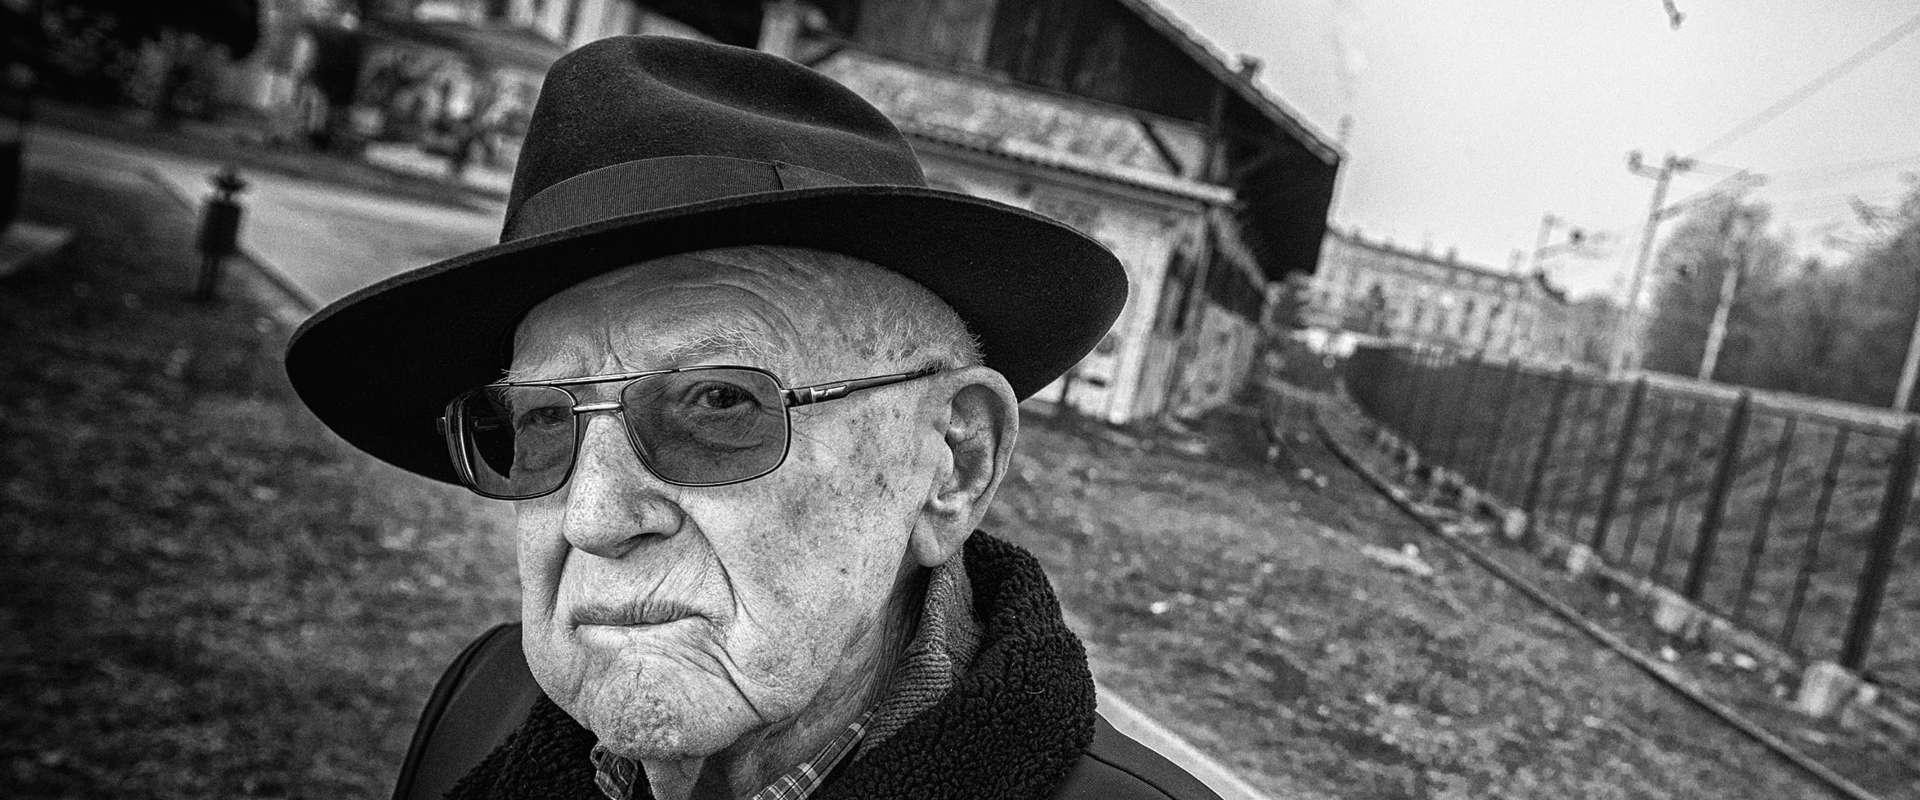 INTERVJU: BRANKO LUSTIG: 'Djeca danas znaju o Holokaustu malo više, ali Knin je iznimka'